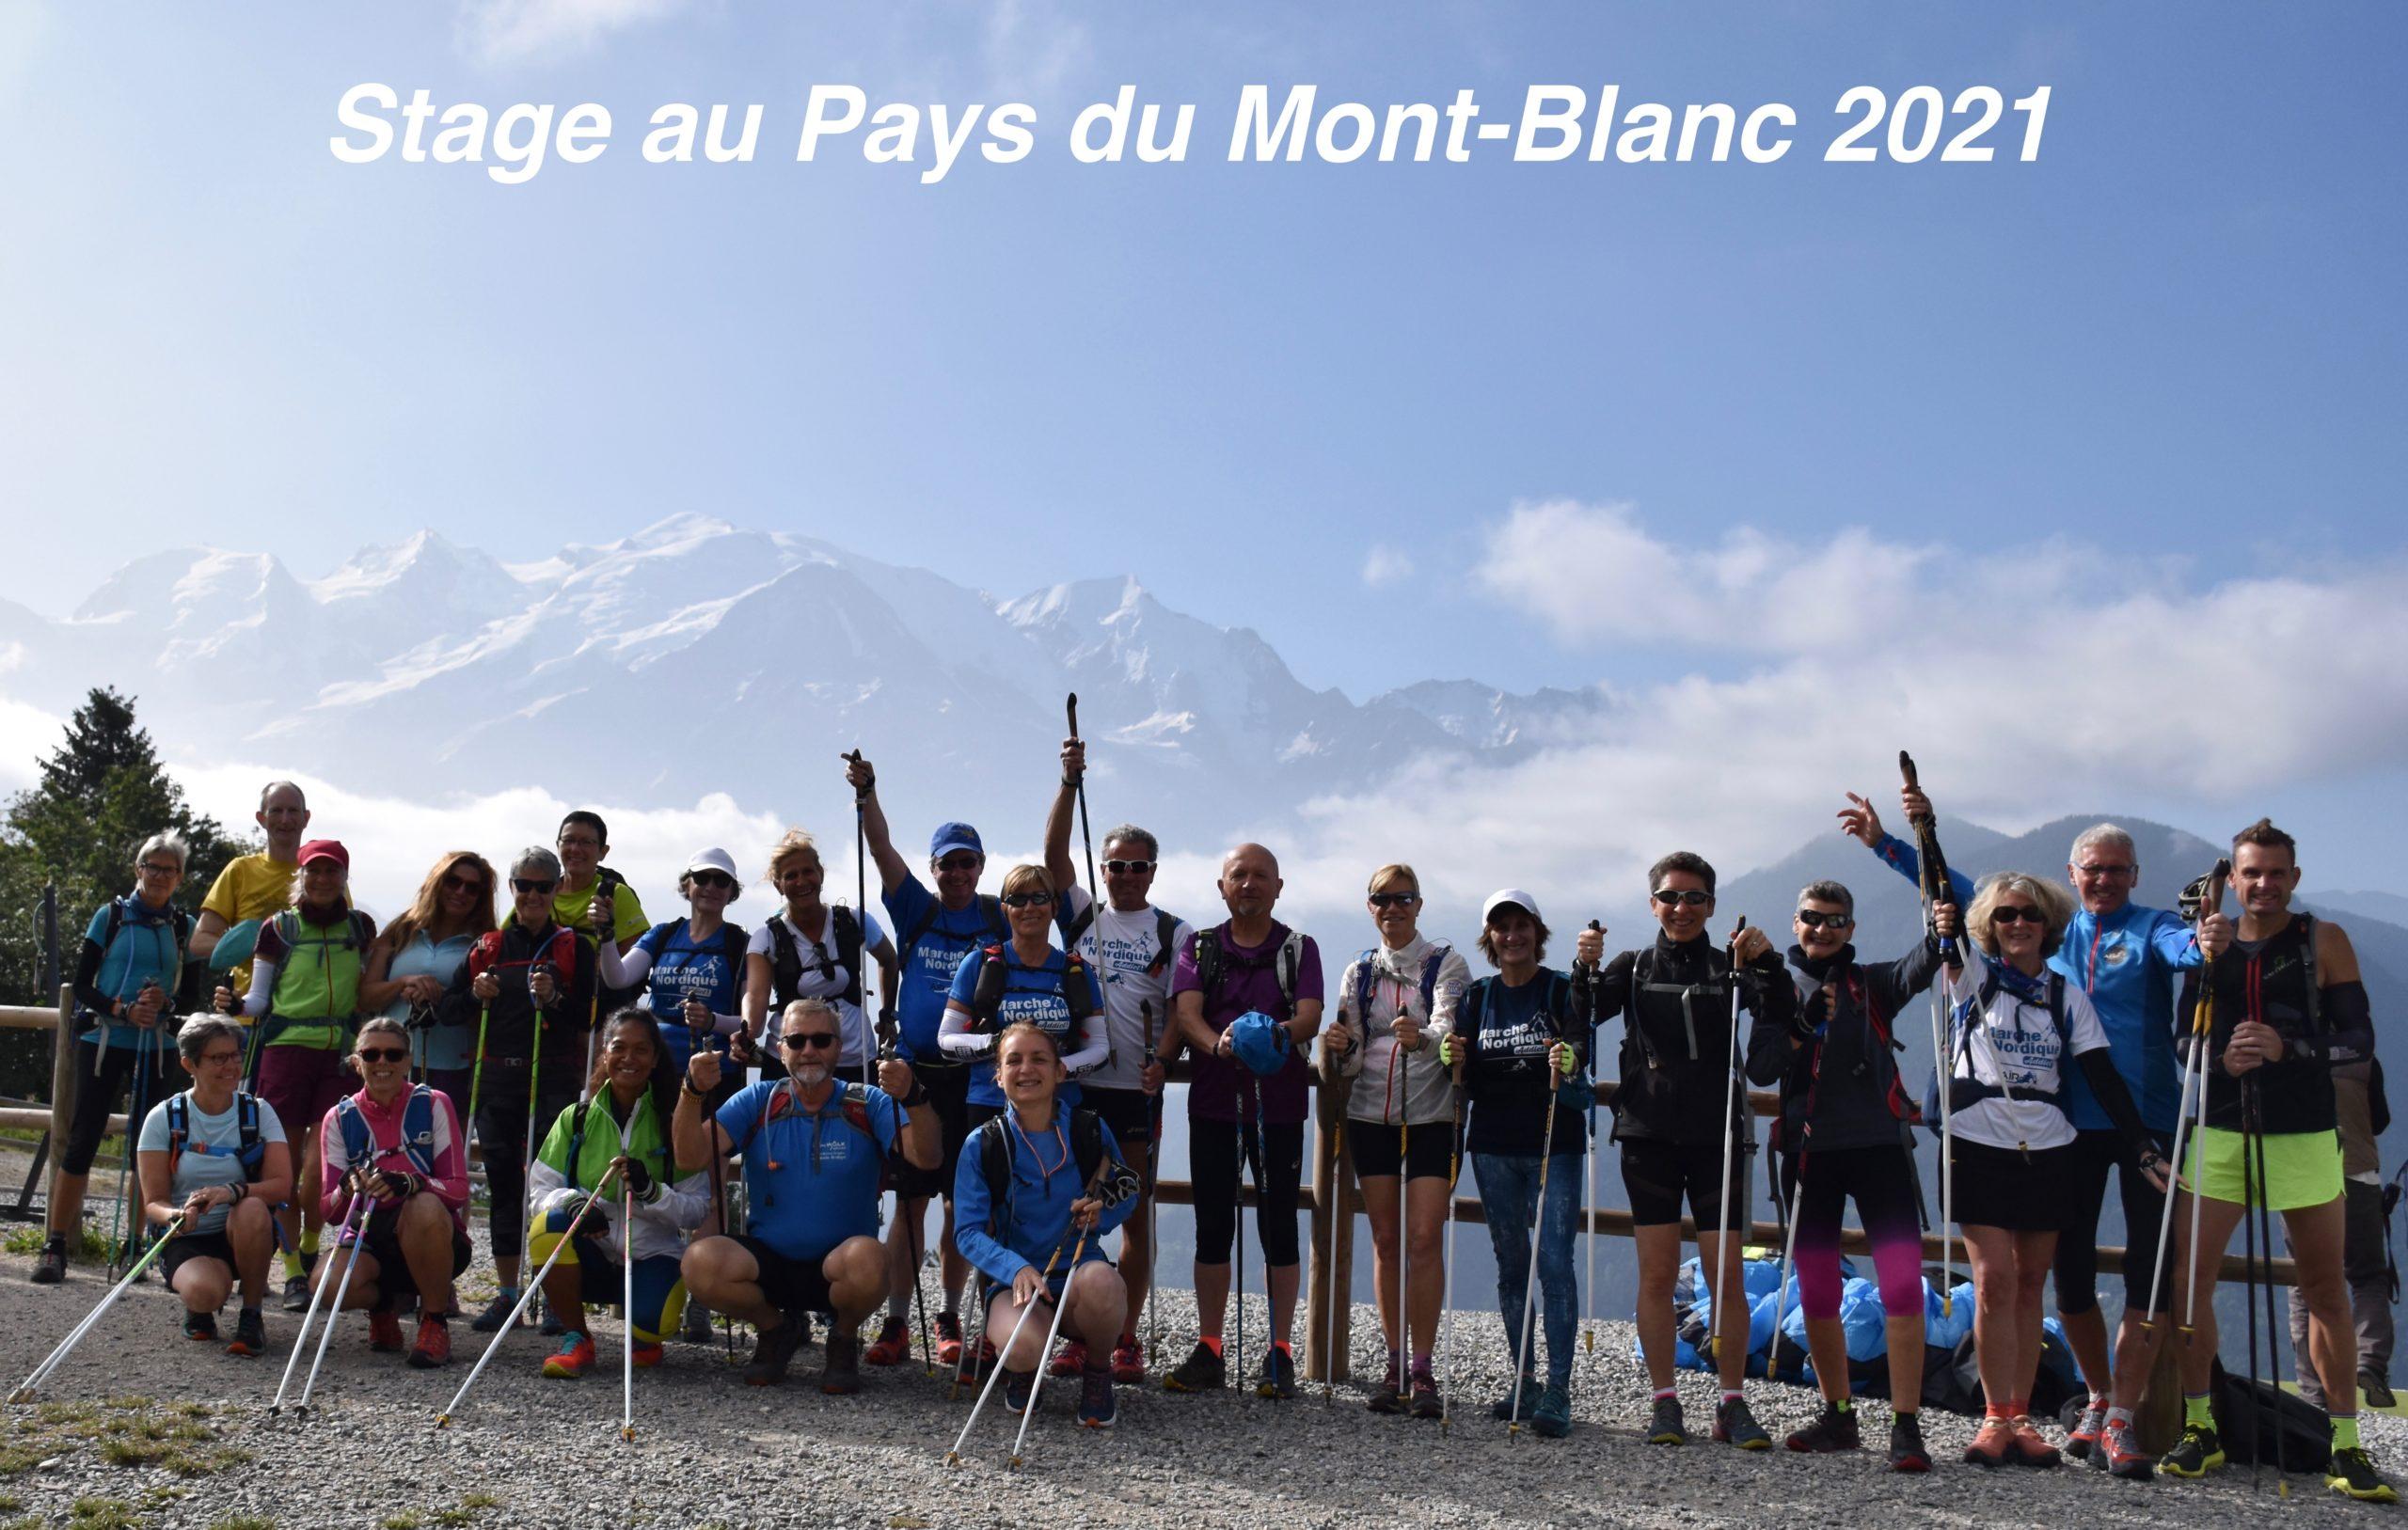 Marche Nordique OTOP® au Pays du Mont-Blanc 2021